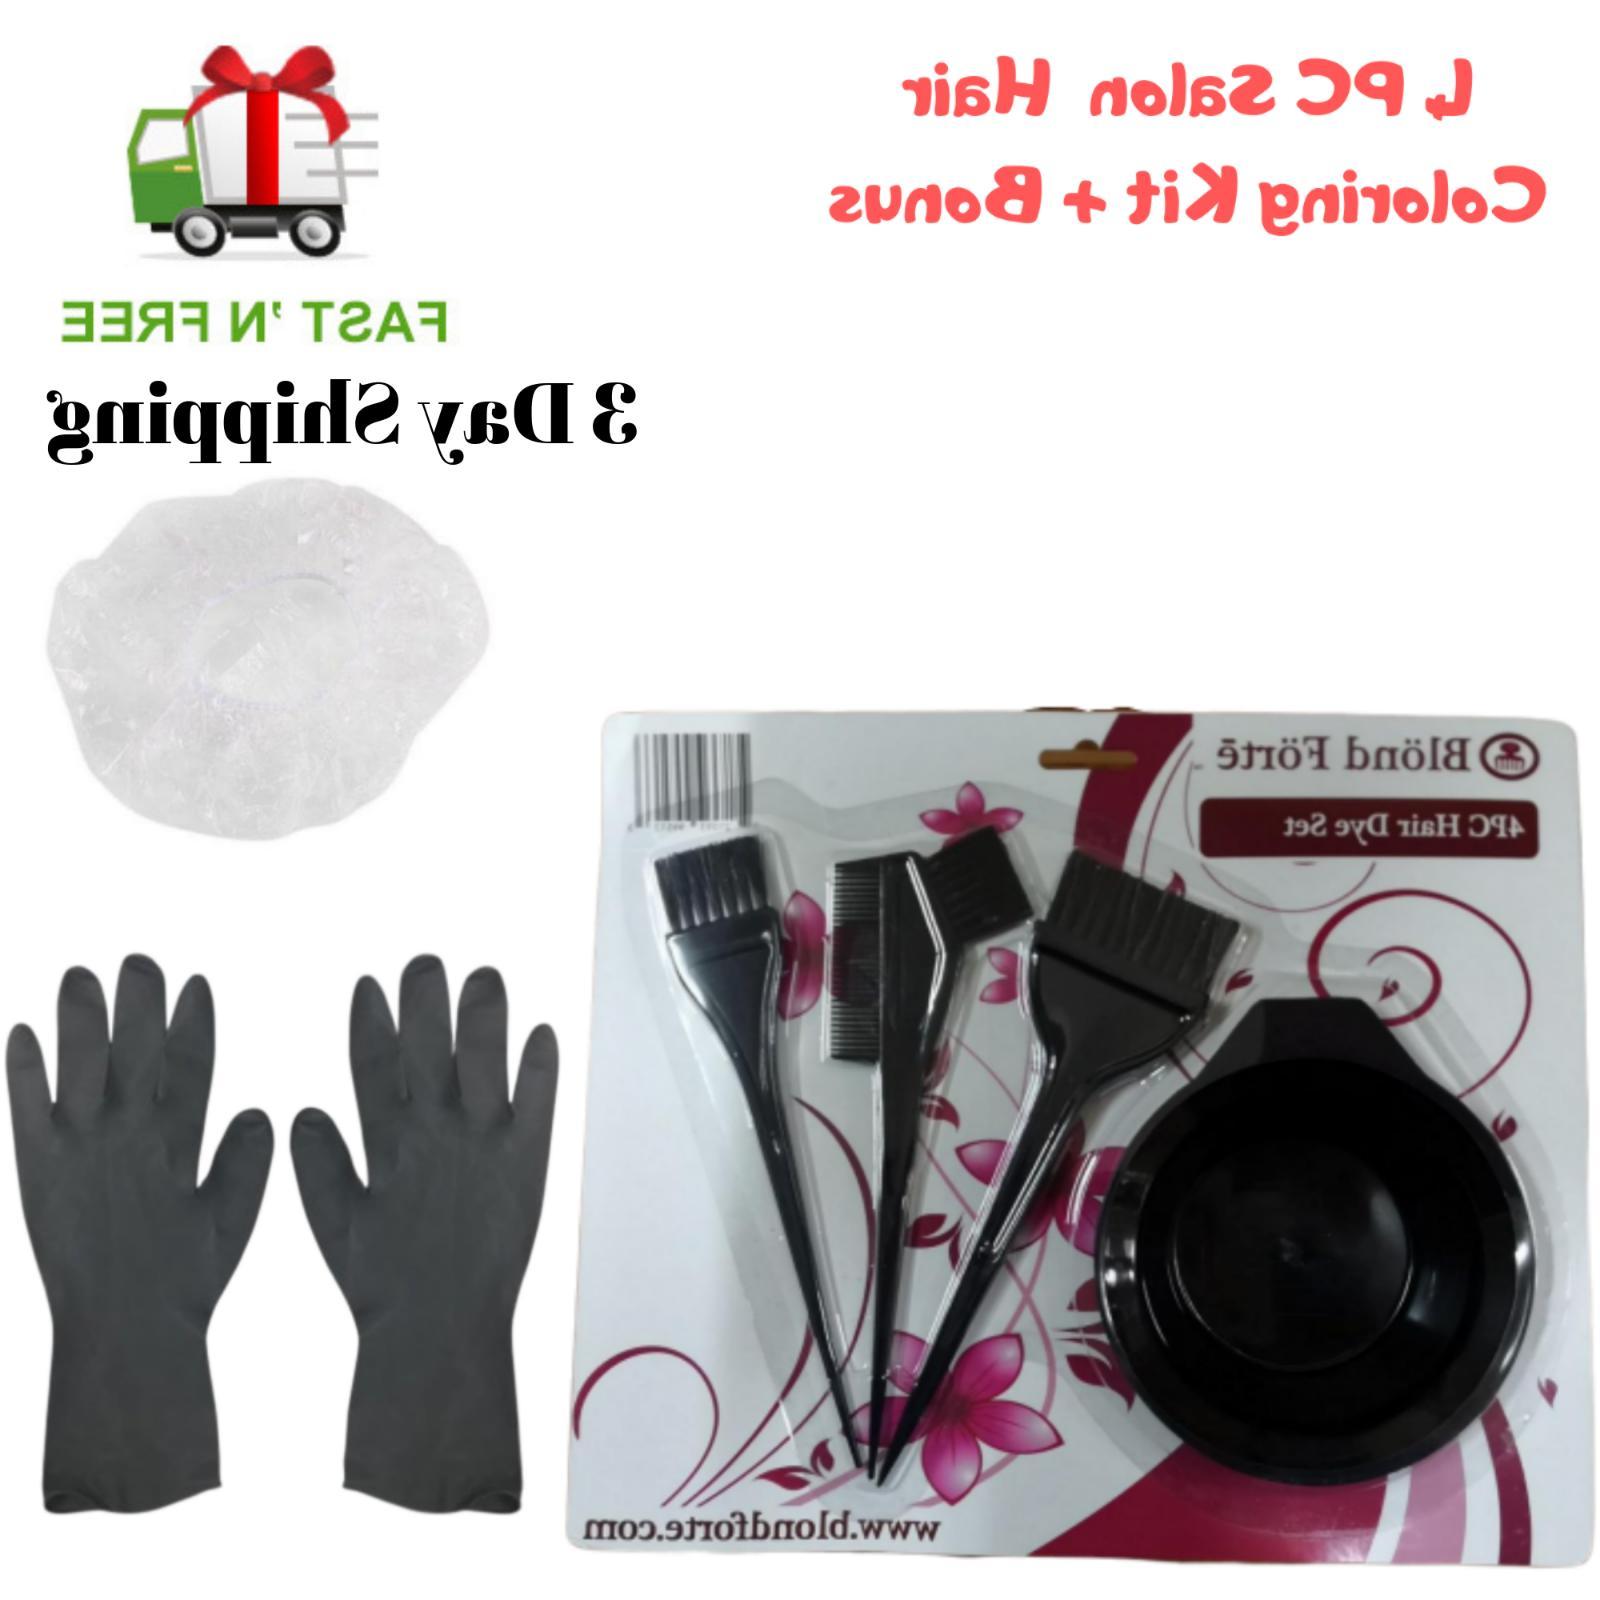 bleach dye color brushes set 4 pcs